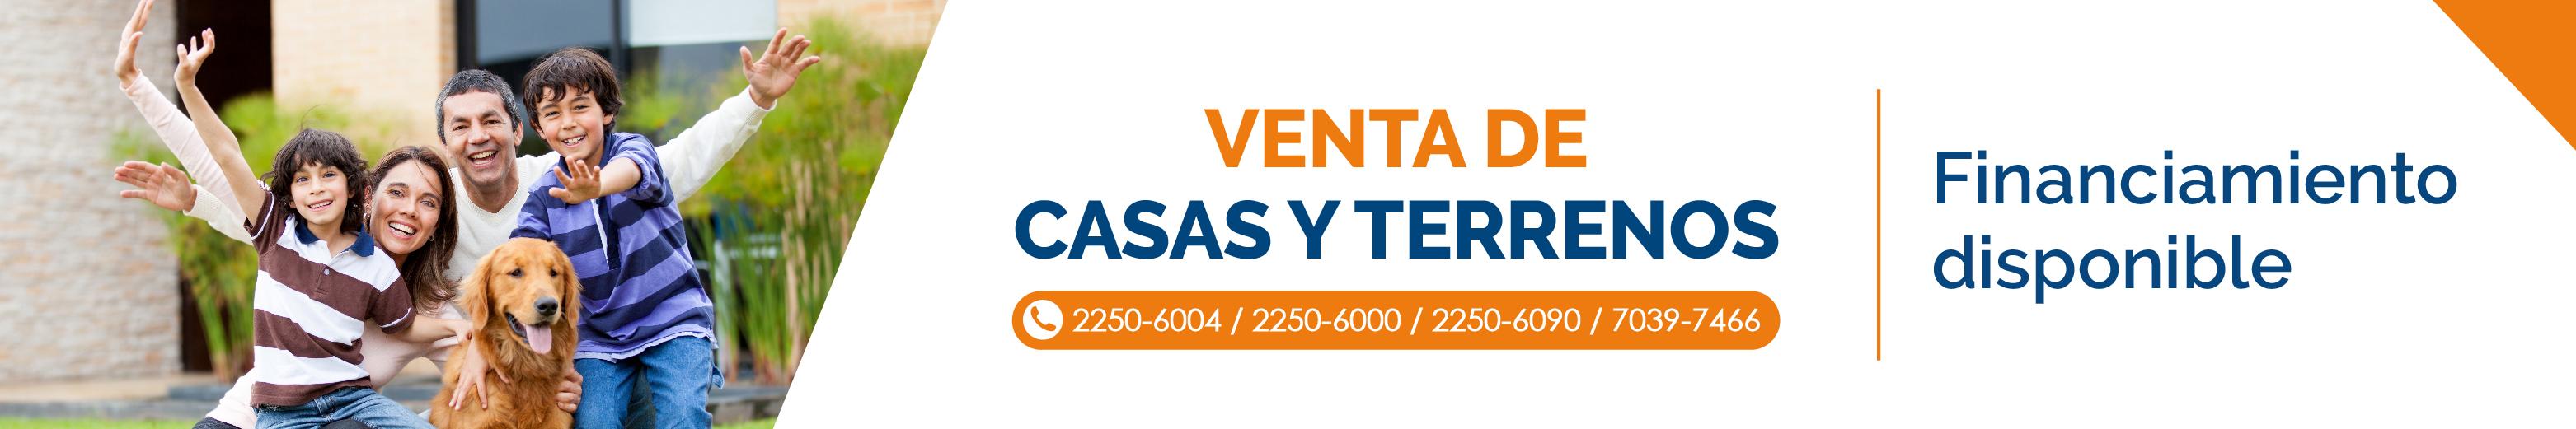 Banner_web_-_Activos_Extraordiinarios-01.jpg